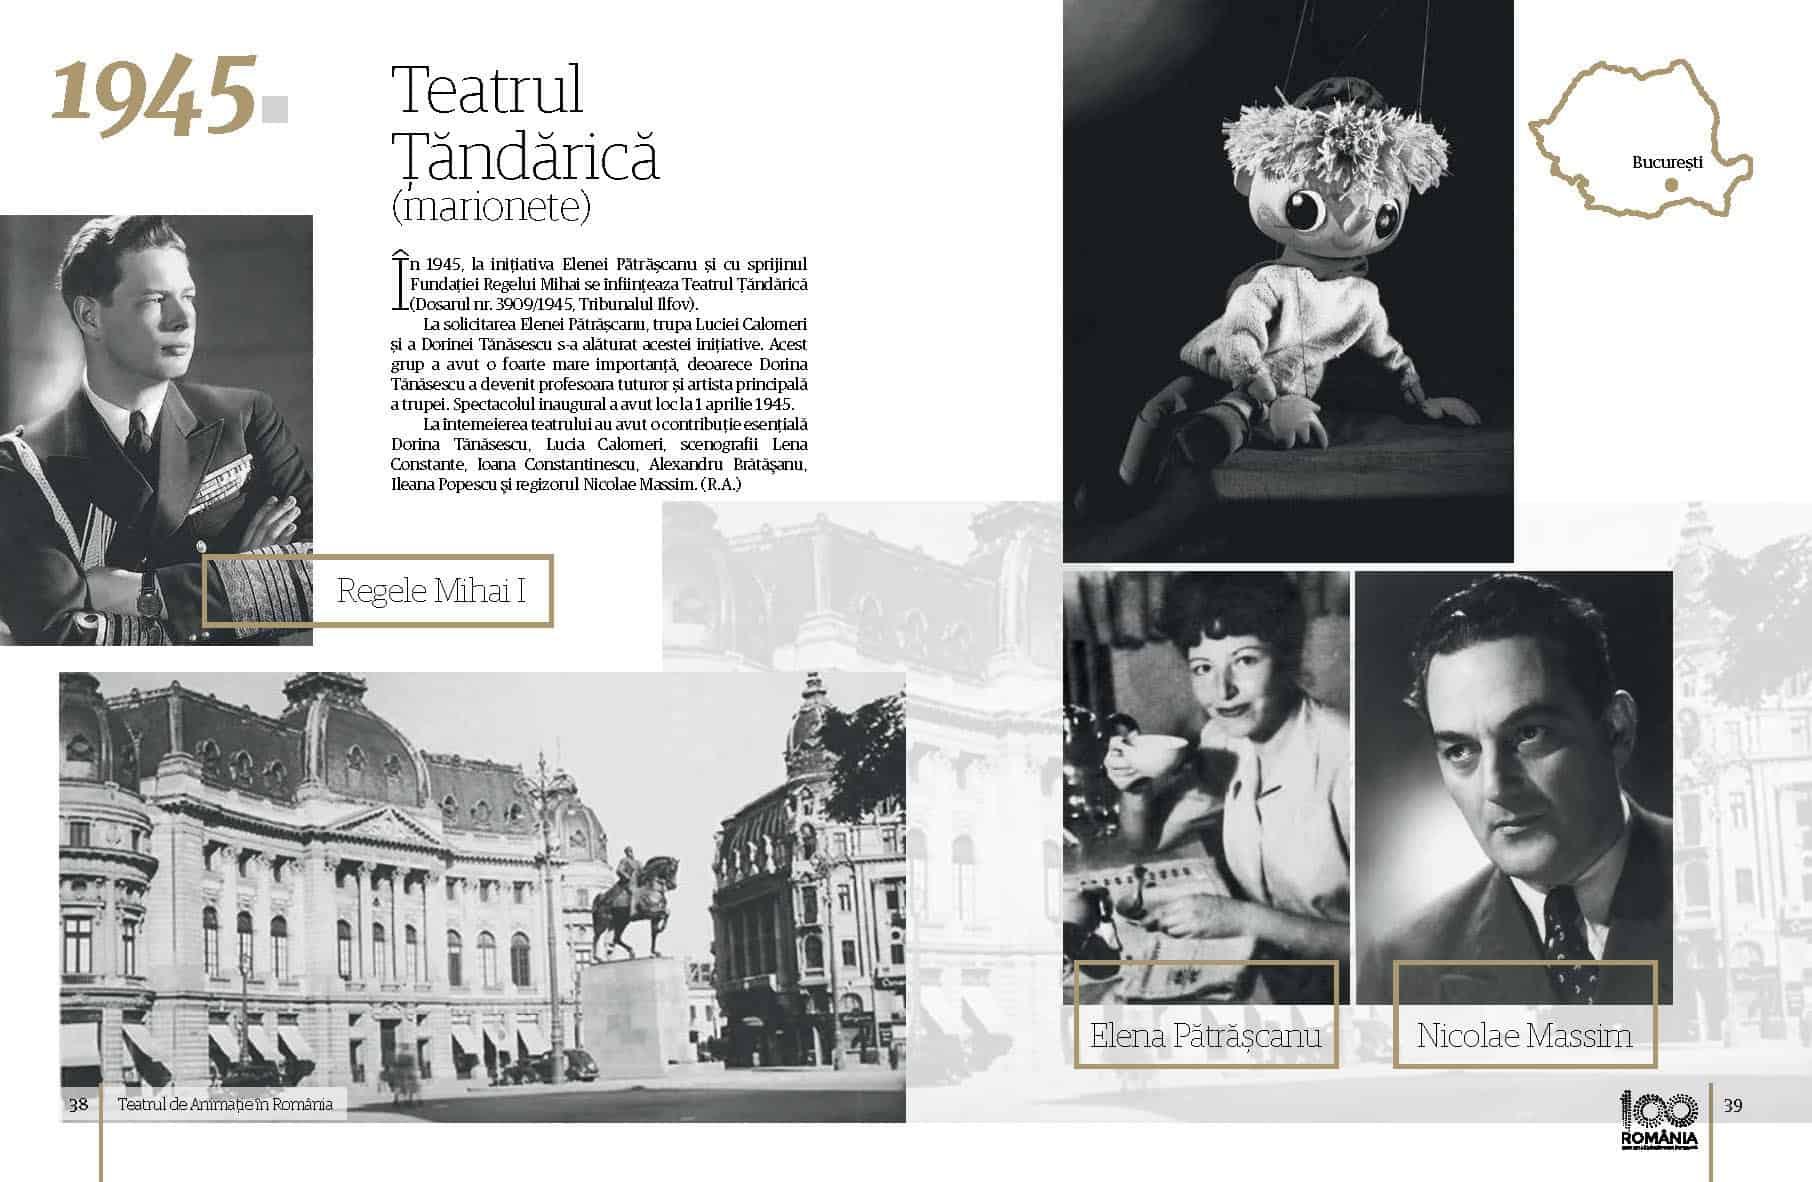 Album Teatrul de Animatie in Romania final preview fata in fata Page 20 1